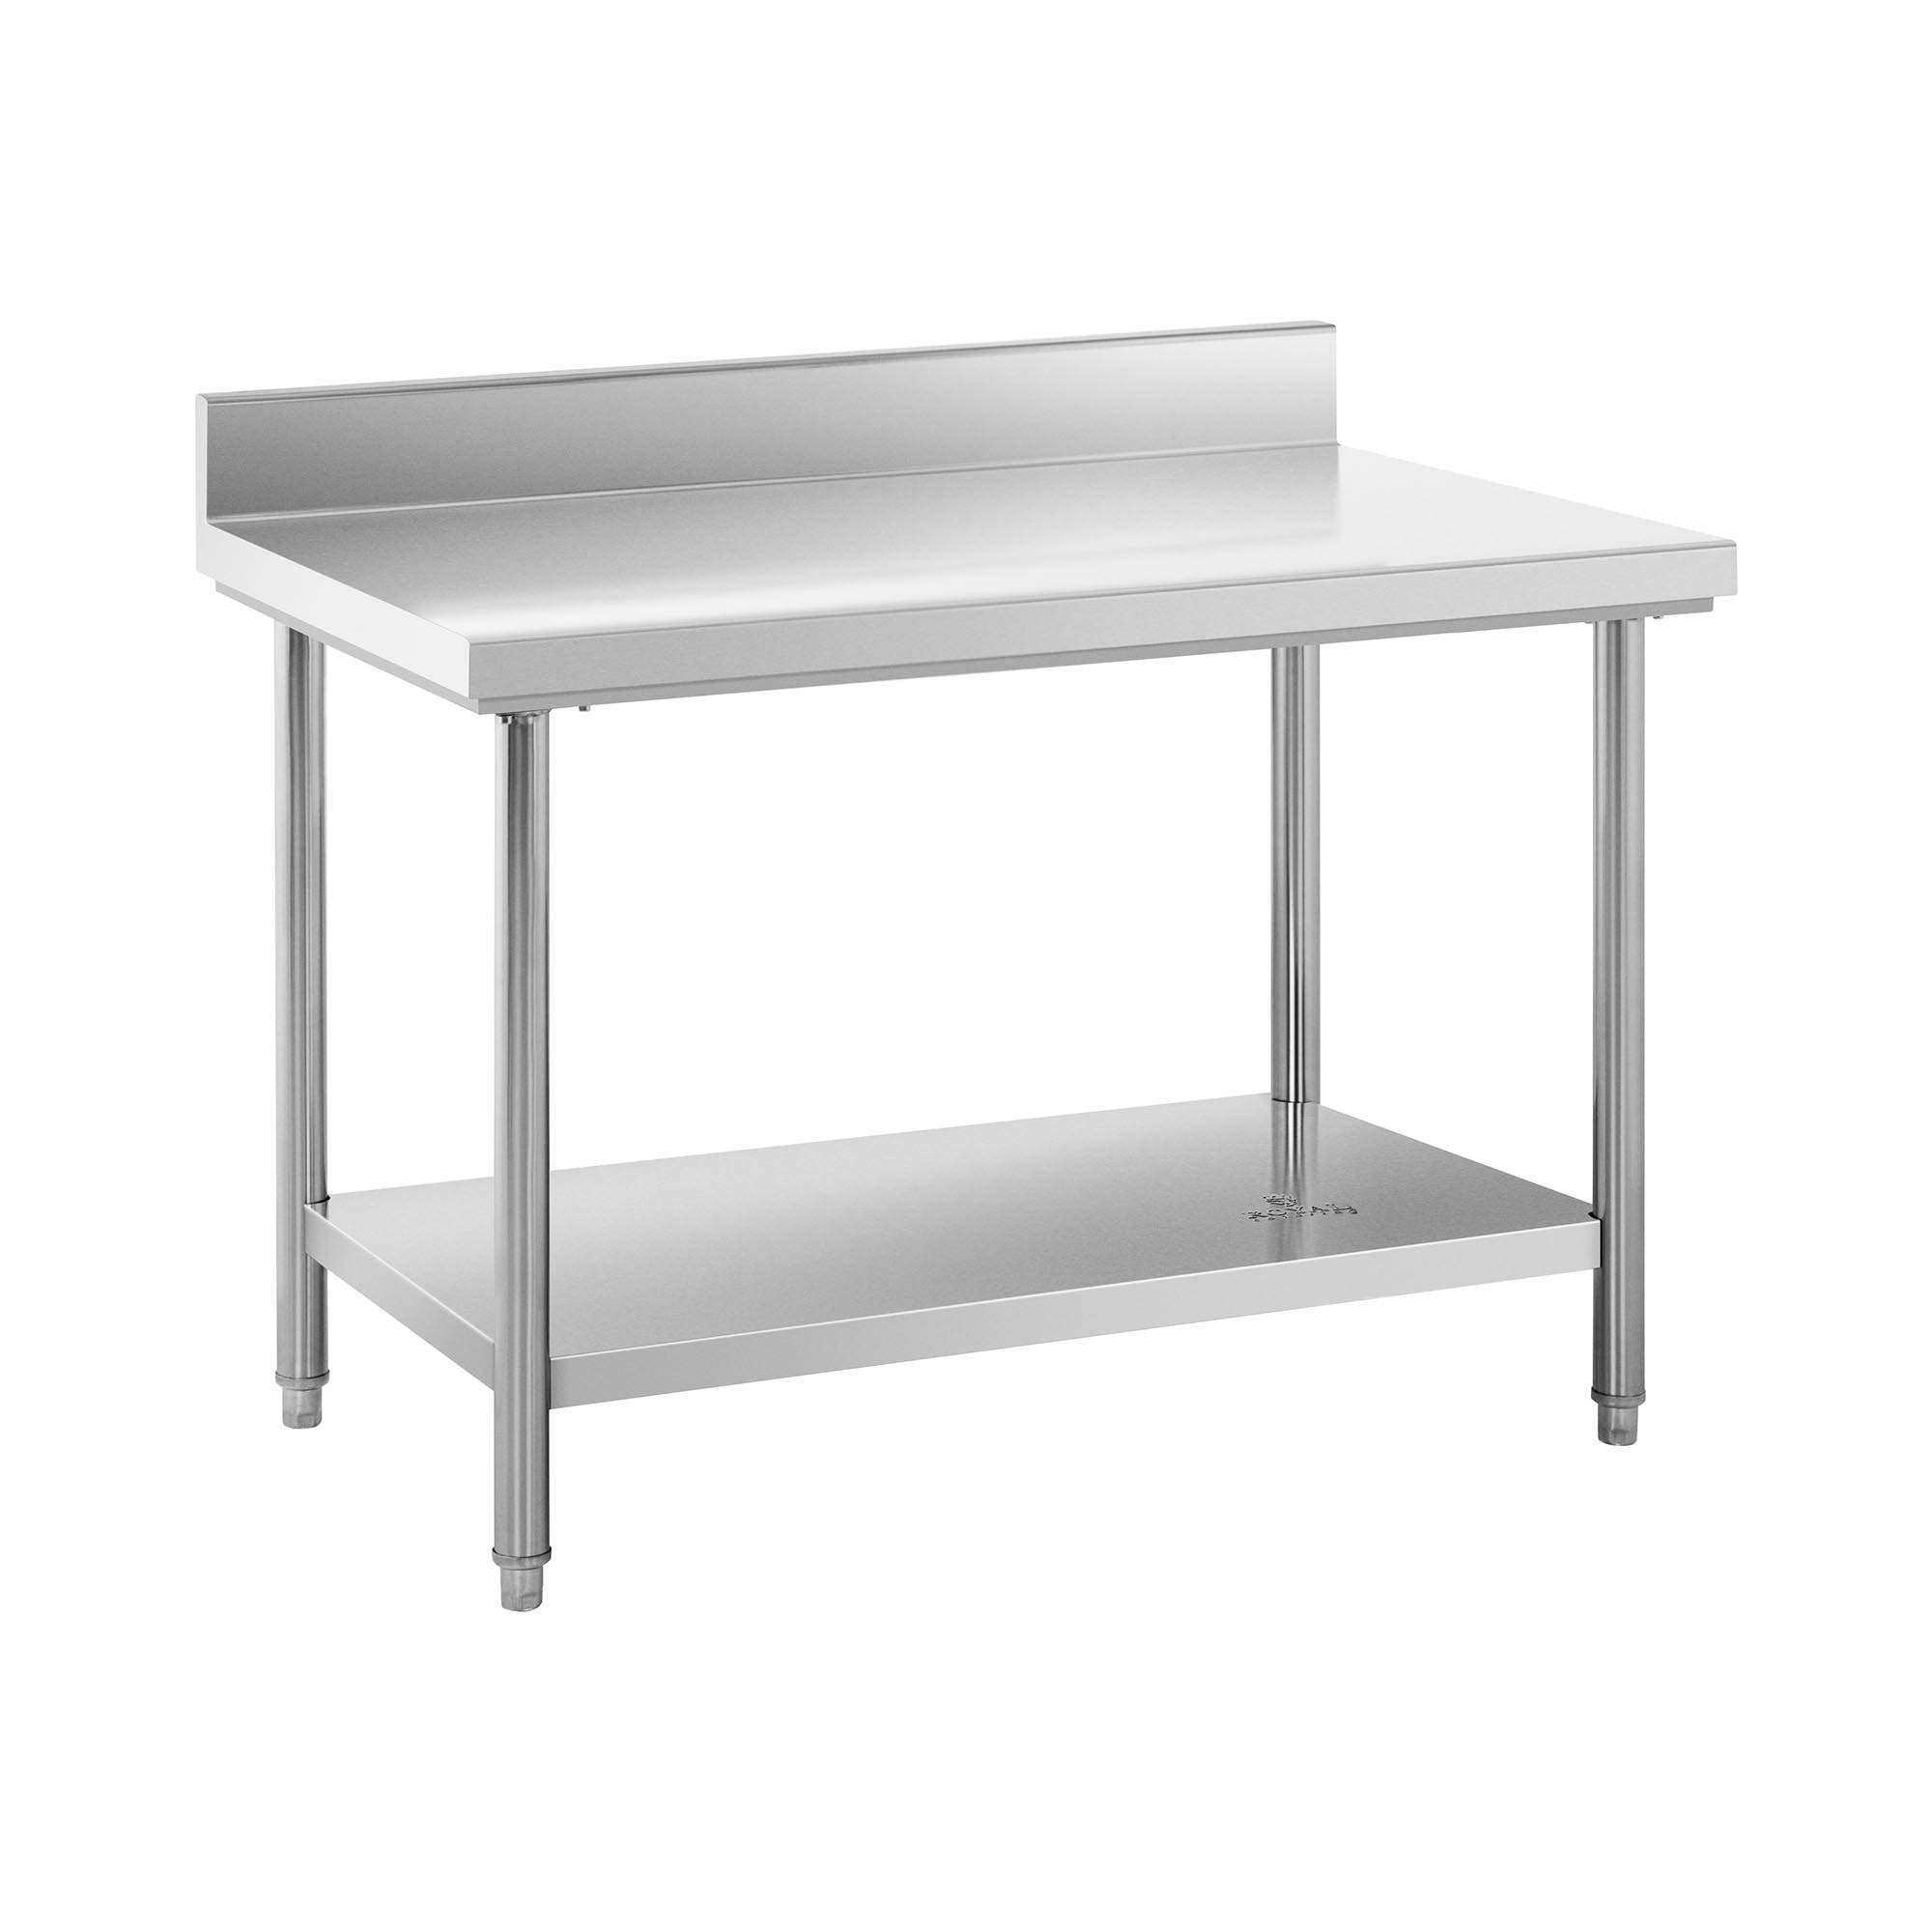 Royal Catering Table de travail inox avec dosseret - 120 x 70 cm - Capacité de 143 kg